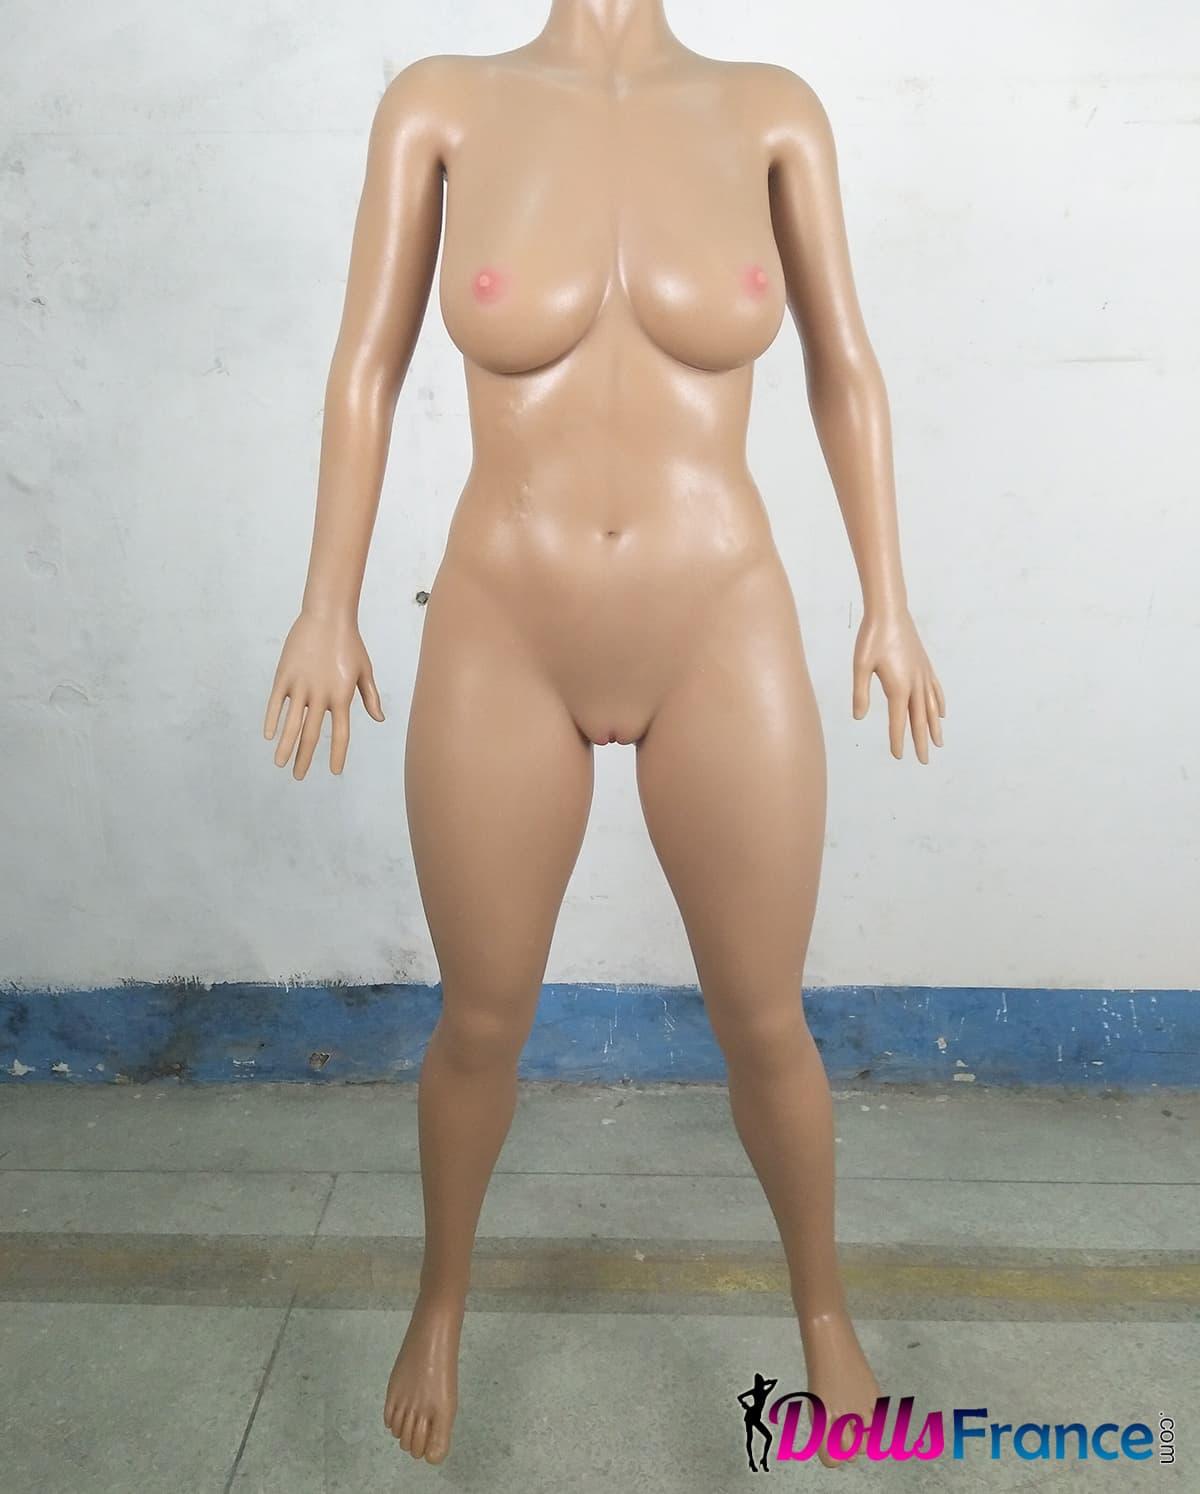 Grosses fesses de poupée sexuelle SMdoll 170cm